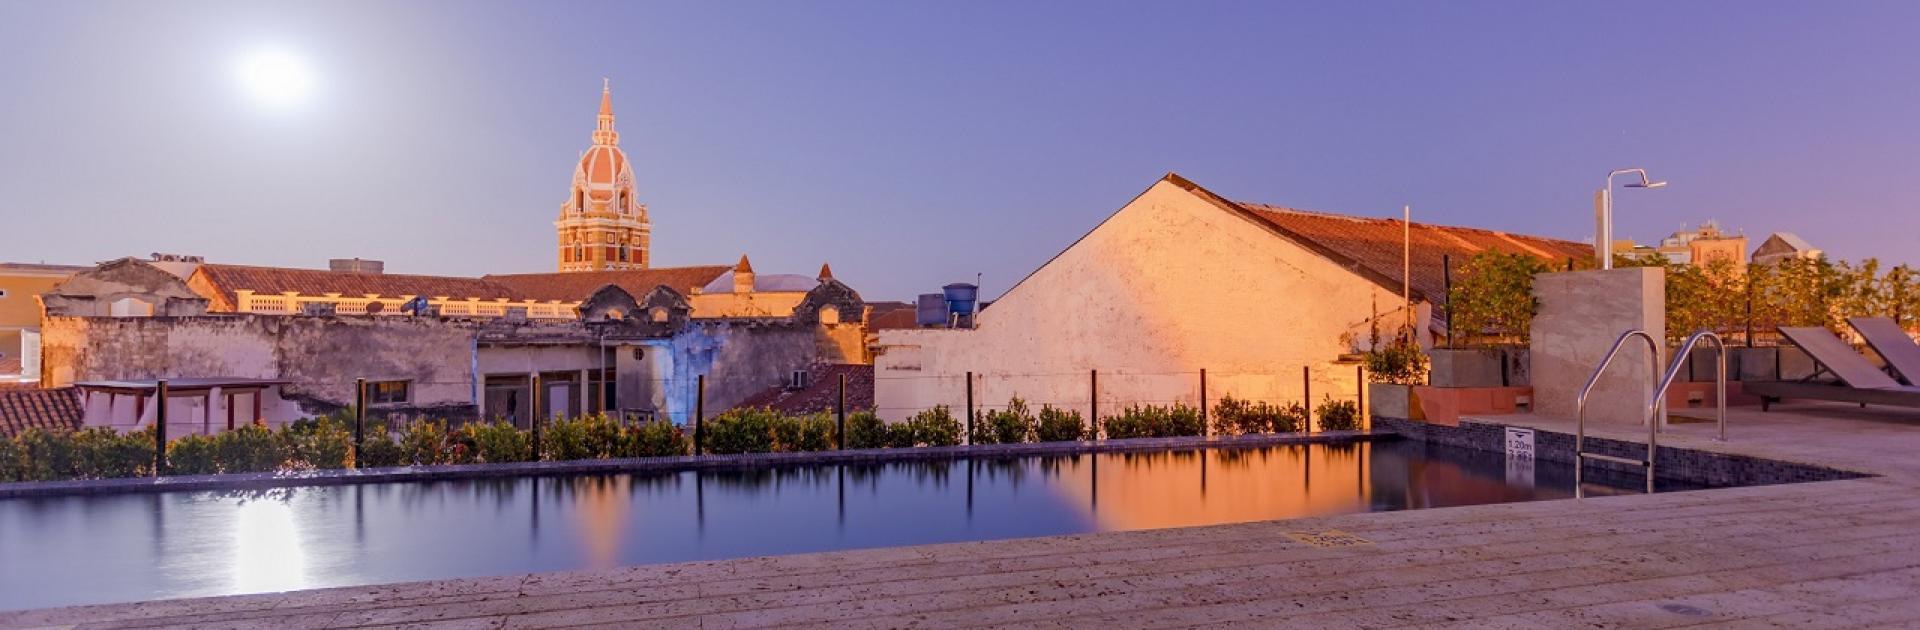 Rooftop La Cata en el Santa Catalina Hotel, participante de Dónde Restaurant Week 2019 en Cartagena de Indias